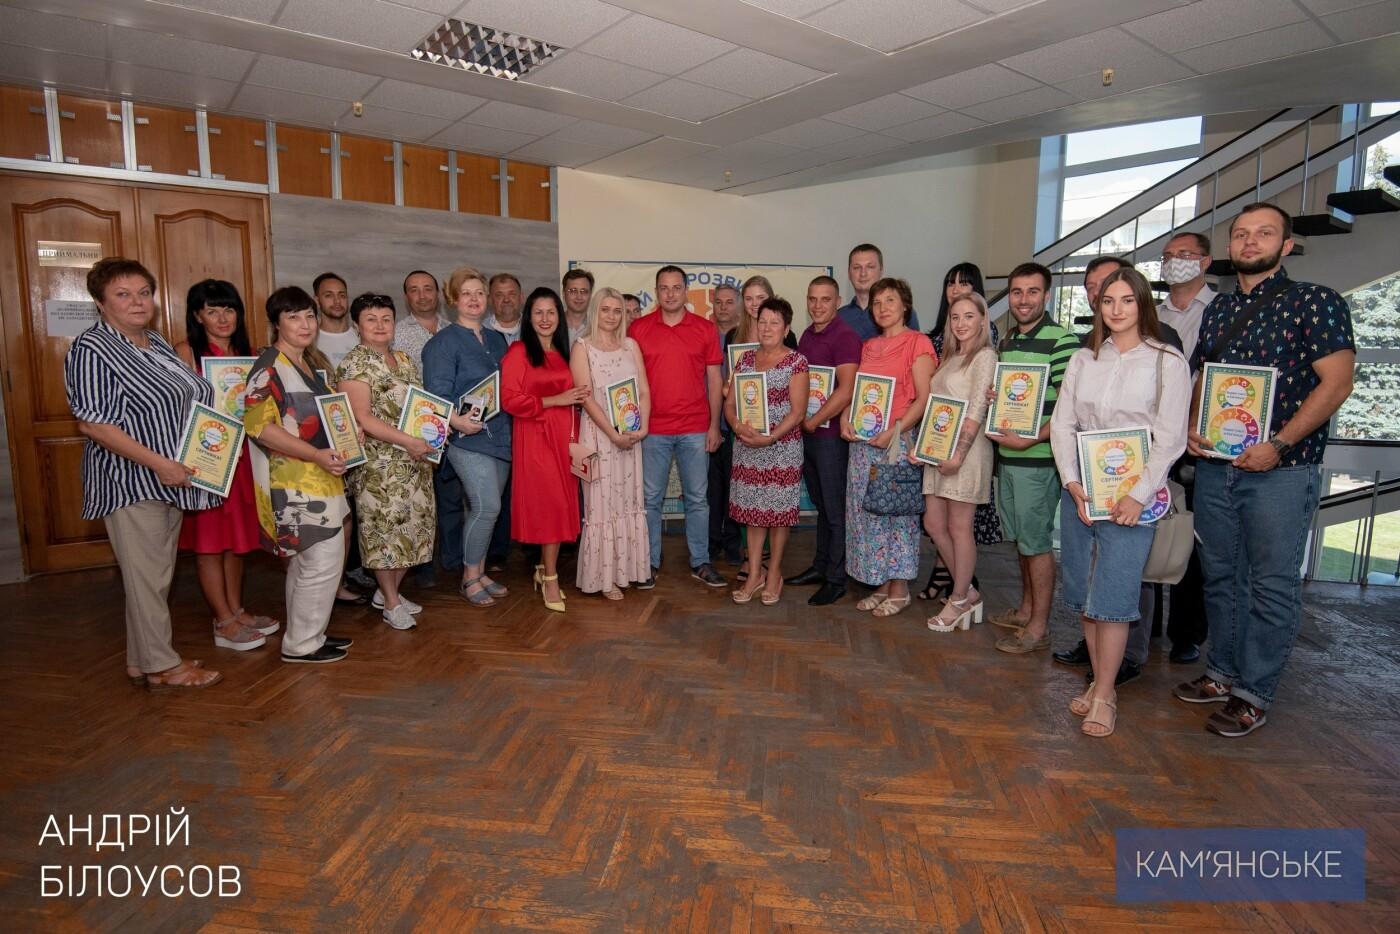 В Каменском наградили победителей «Бюджета участия», фото-9